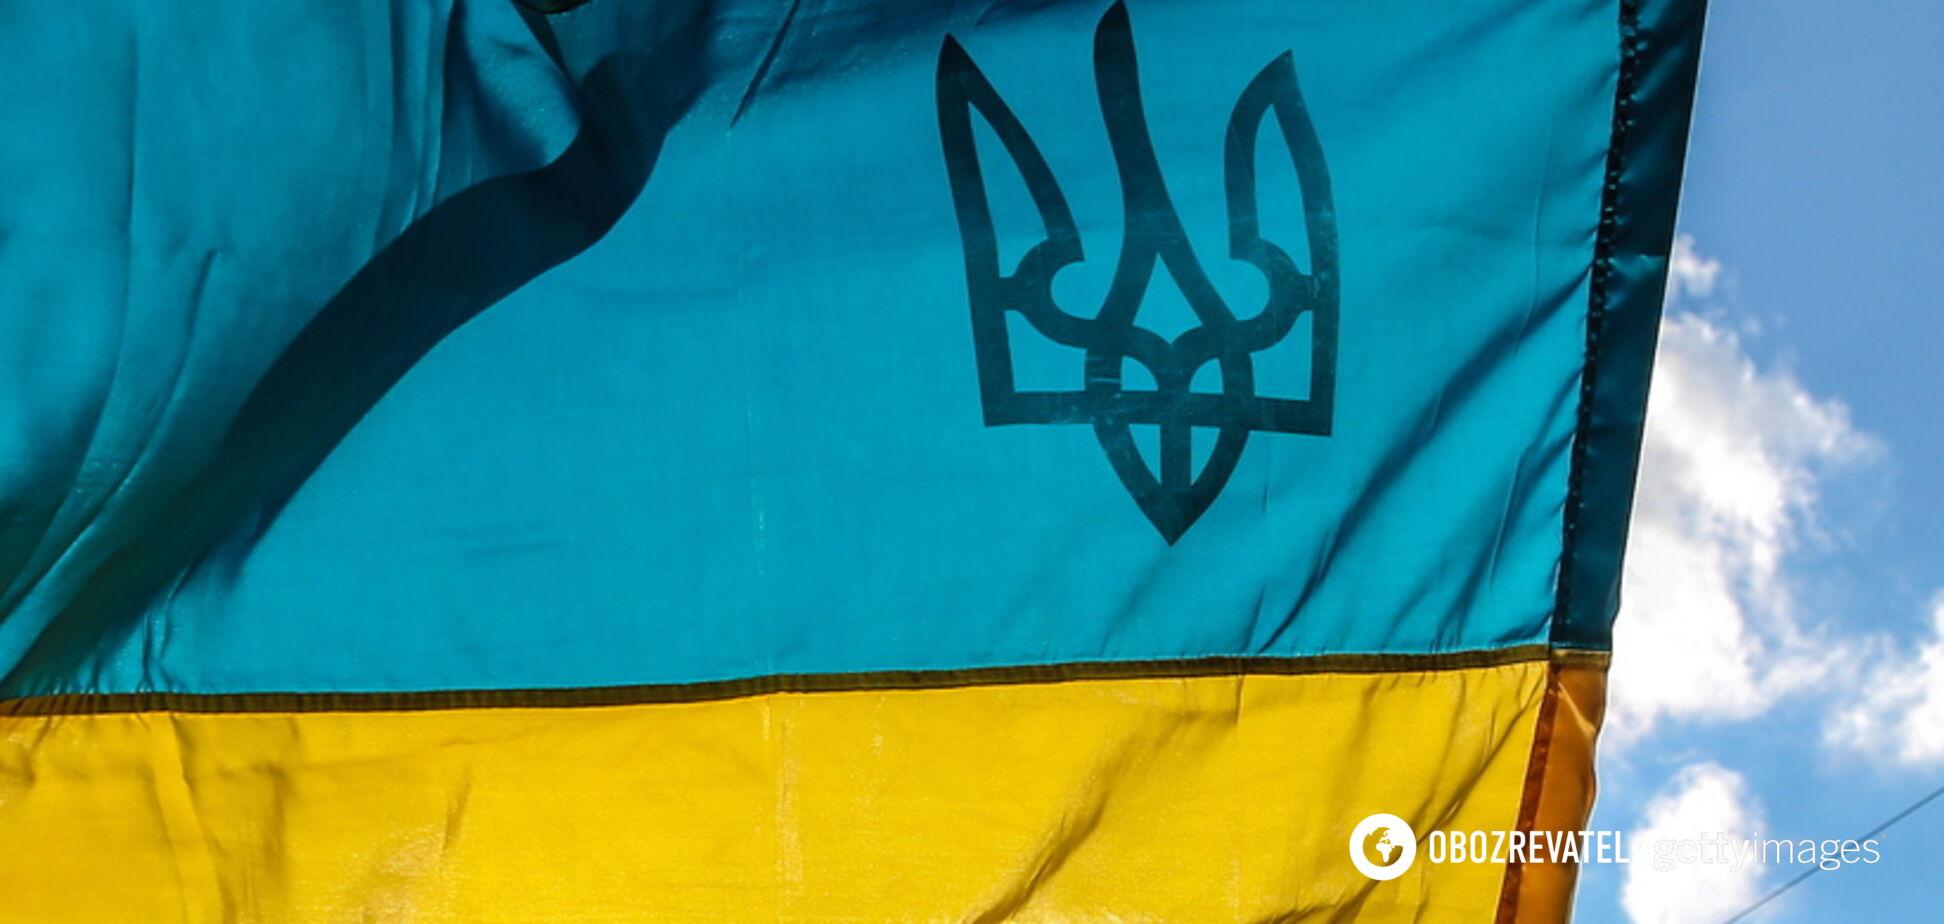 'Хабарі, черги та низькі зарплати': в Україні розповіли про серйозні проблеми митниці